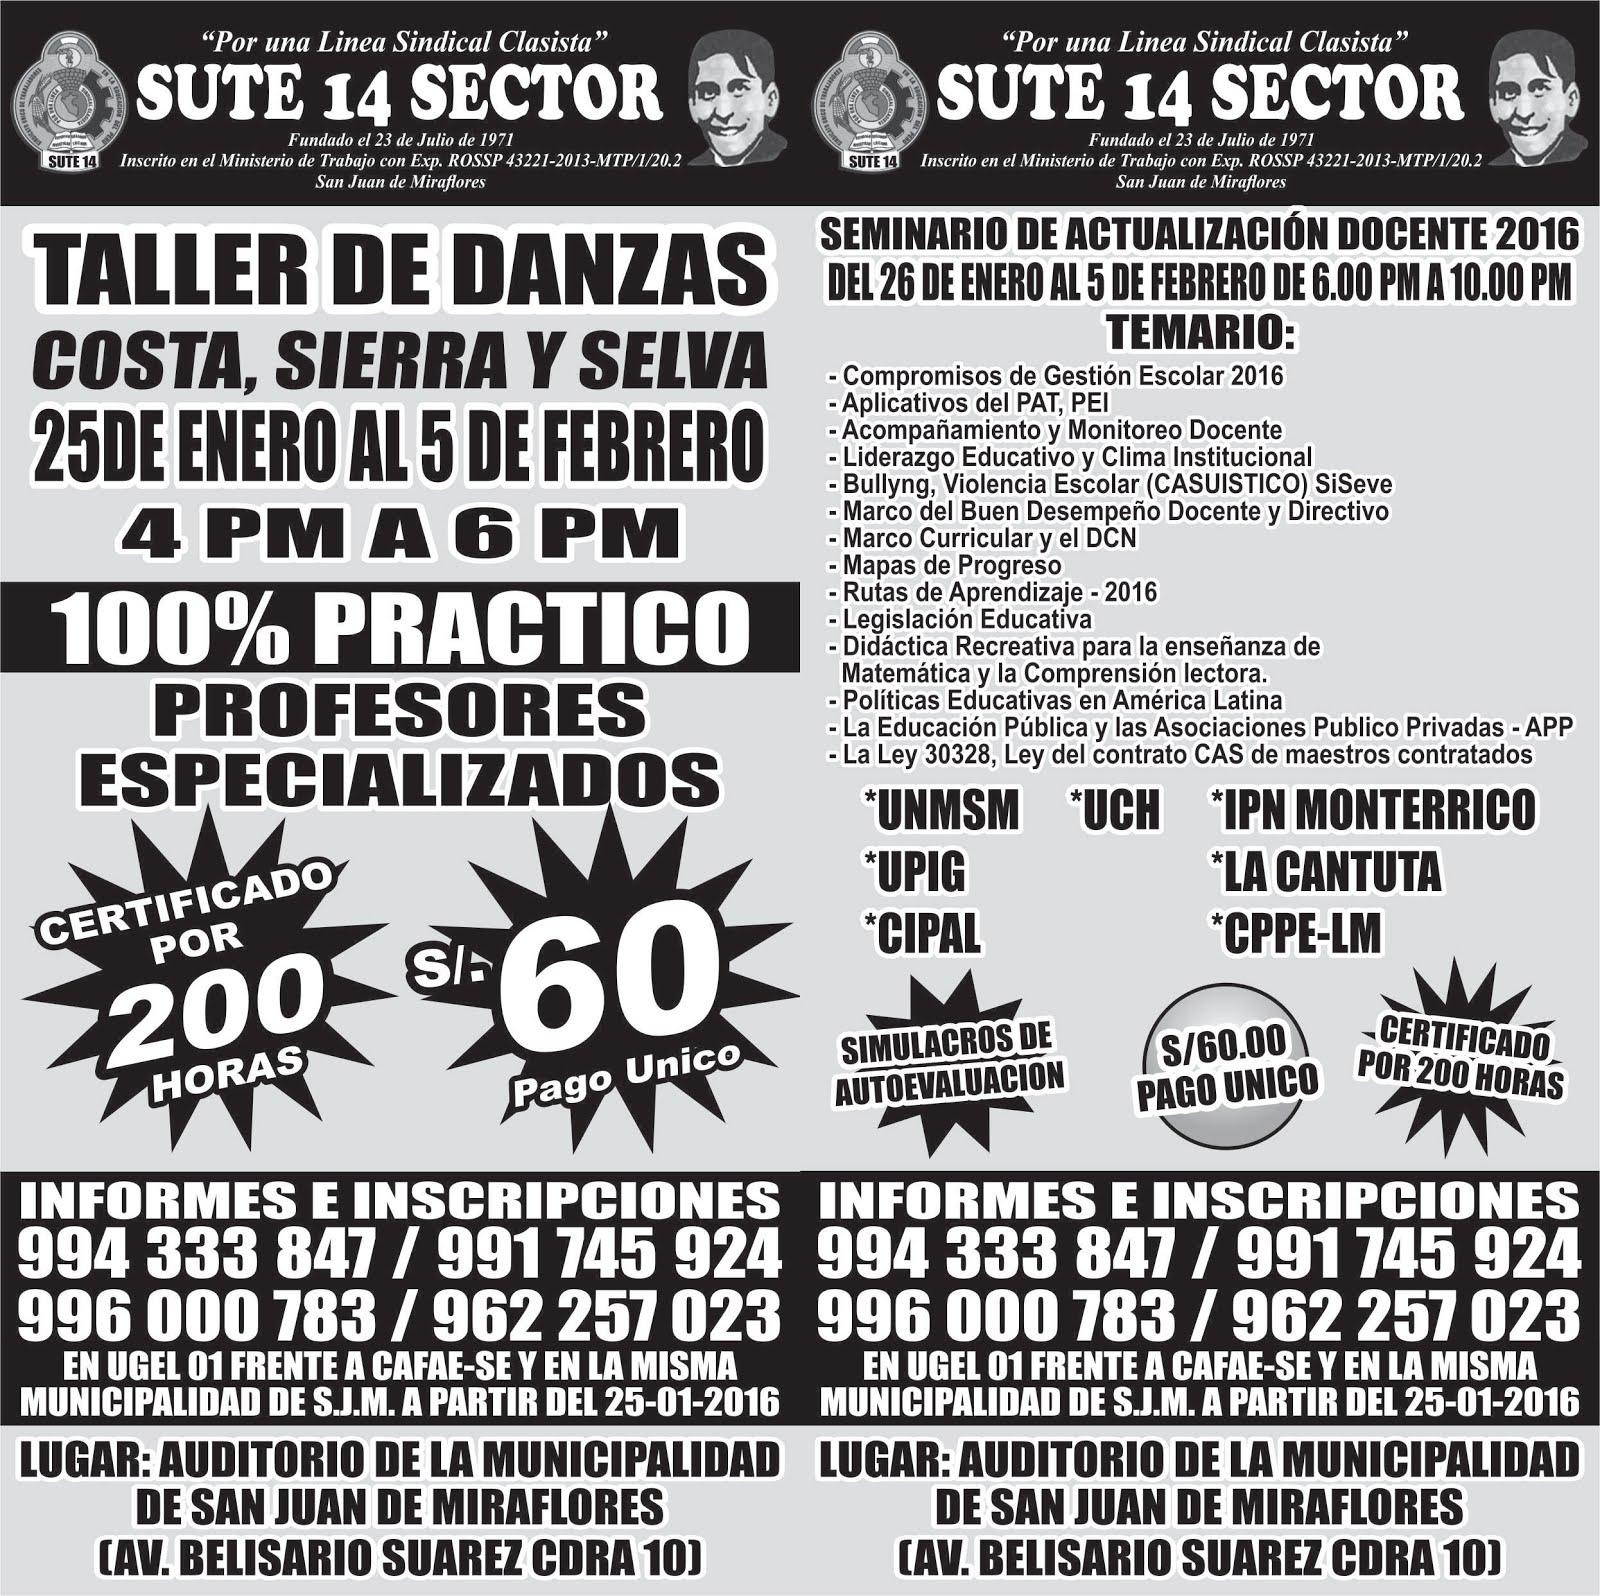 SEMINARIO DE ACTUALIZACIÓN DOCENTE Y TALLER DE DANZAS 2016